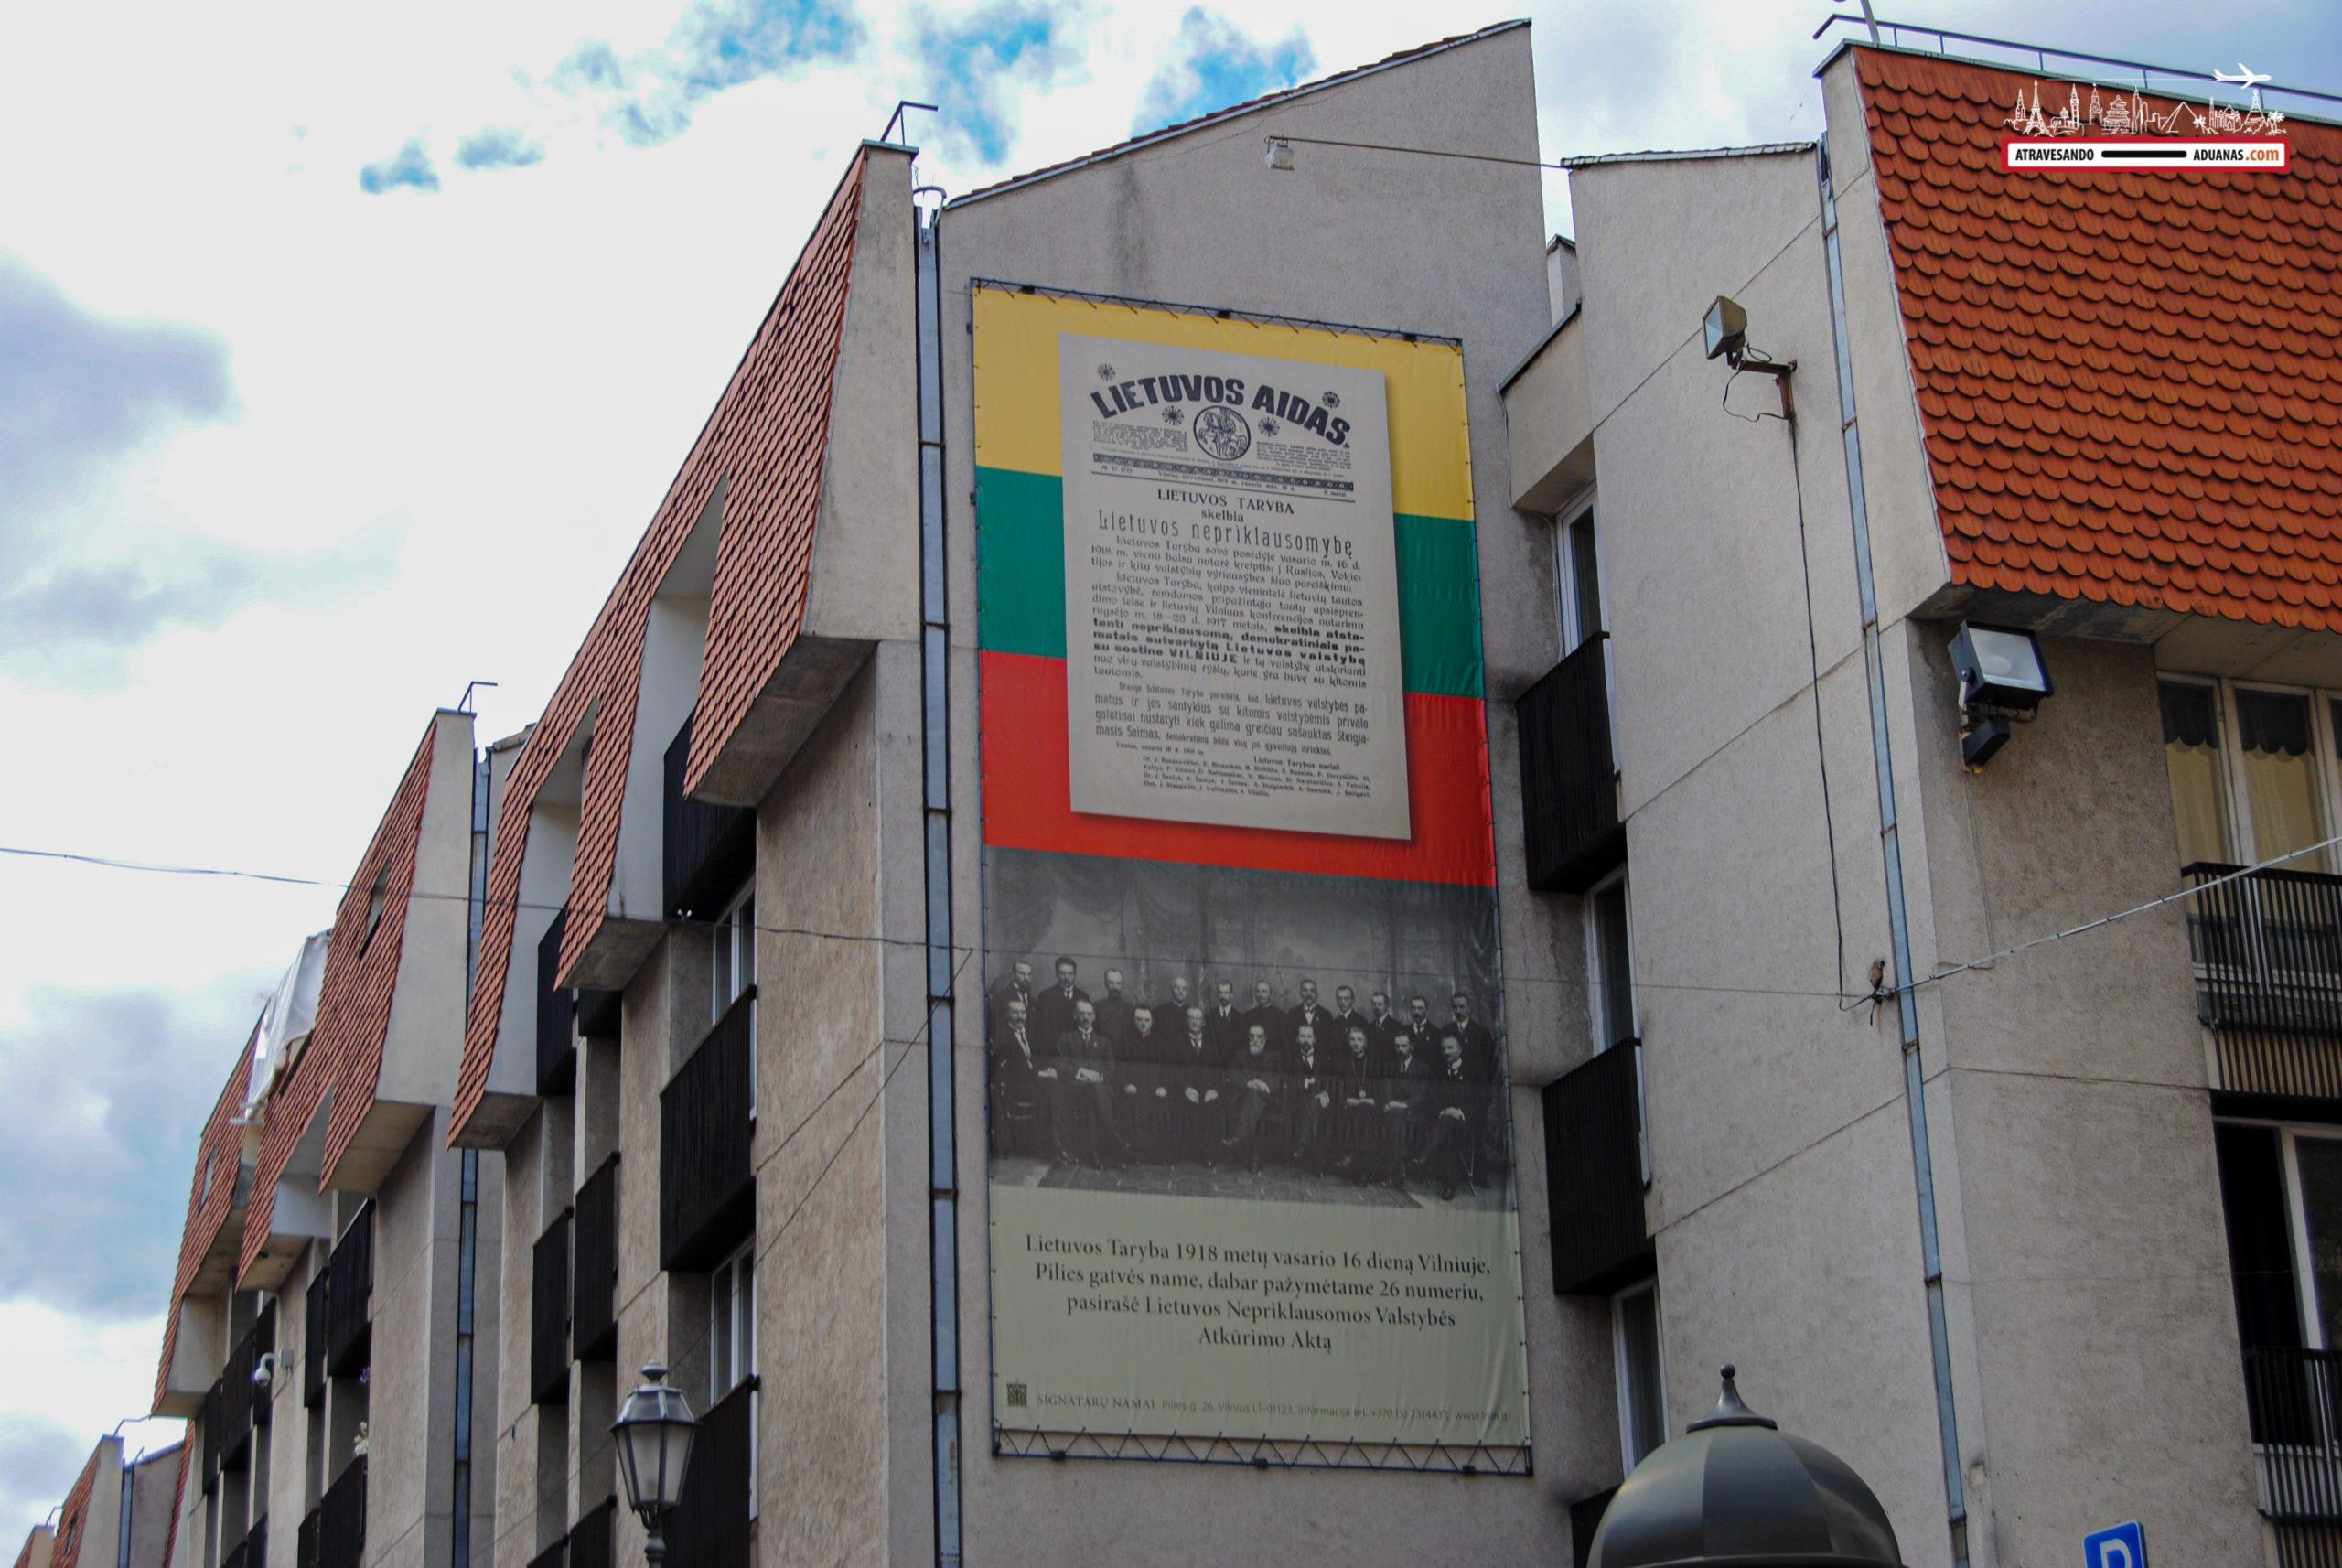 Cartel apelando al nacionalismo lituano en el centro de Vilnius